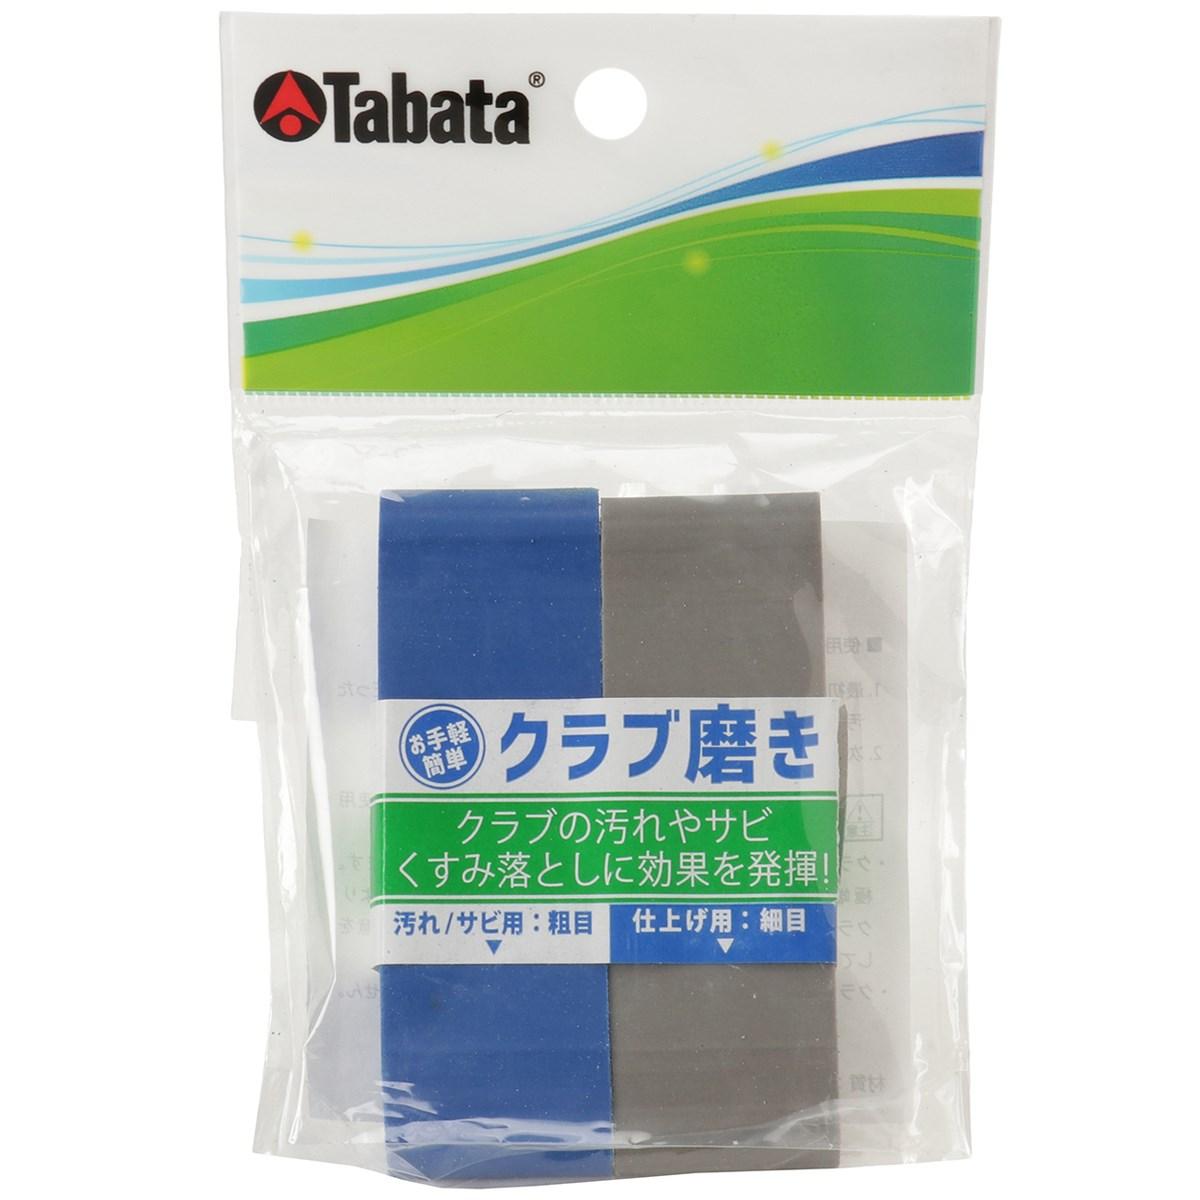 タバタ Tabata クラブ磨き パッケージサイズ:縦14cm×横9cm